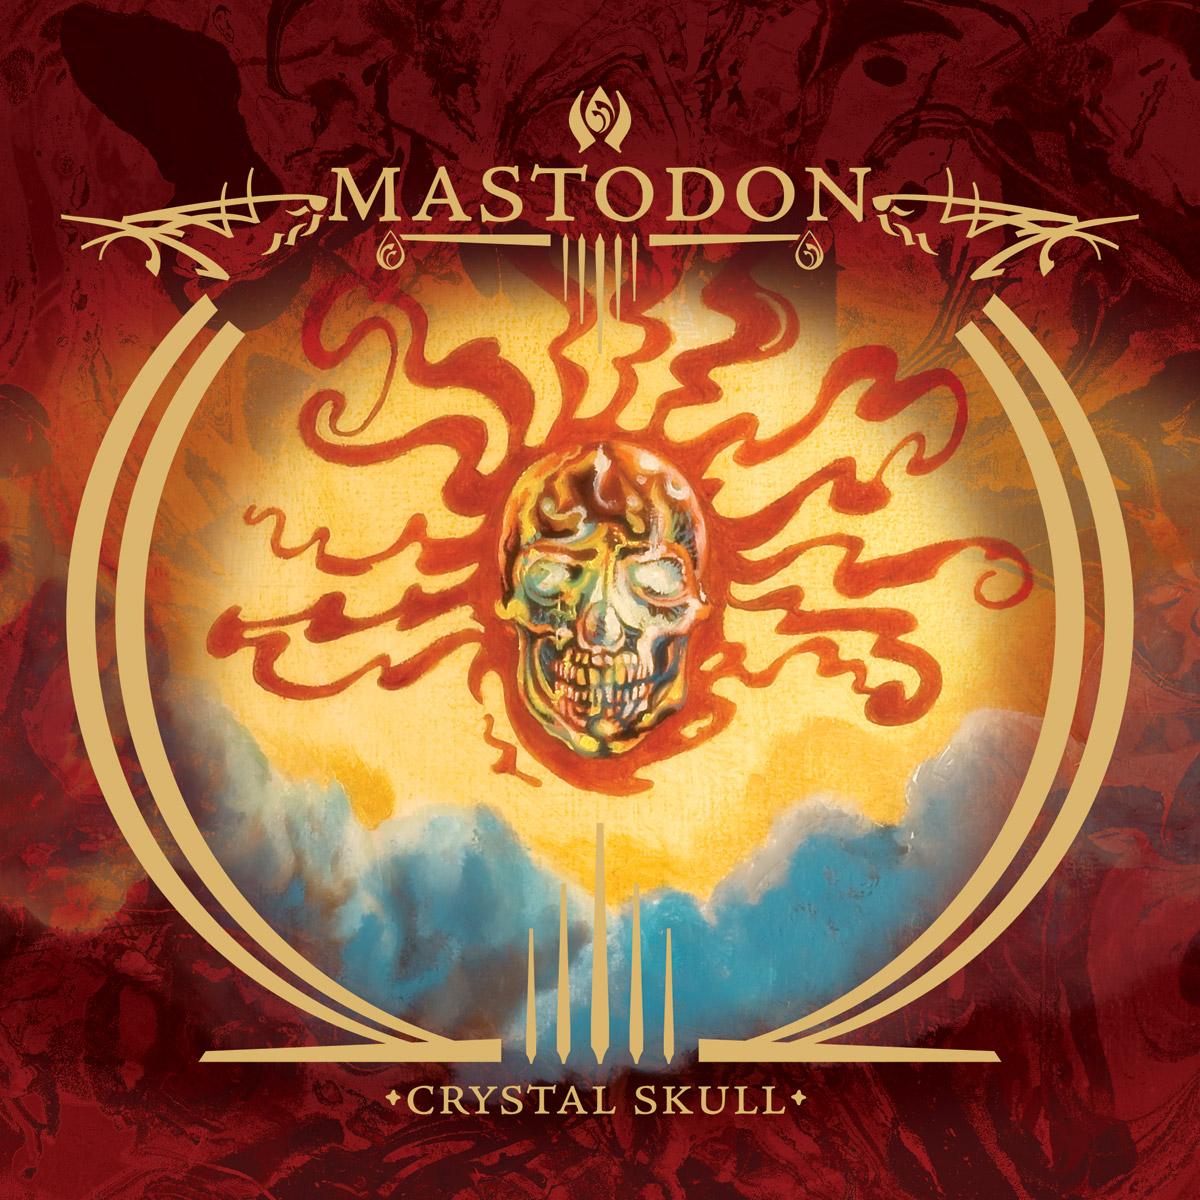 MASTODON - Crystal Skull cover